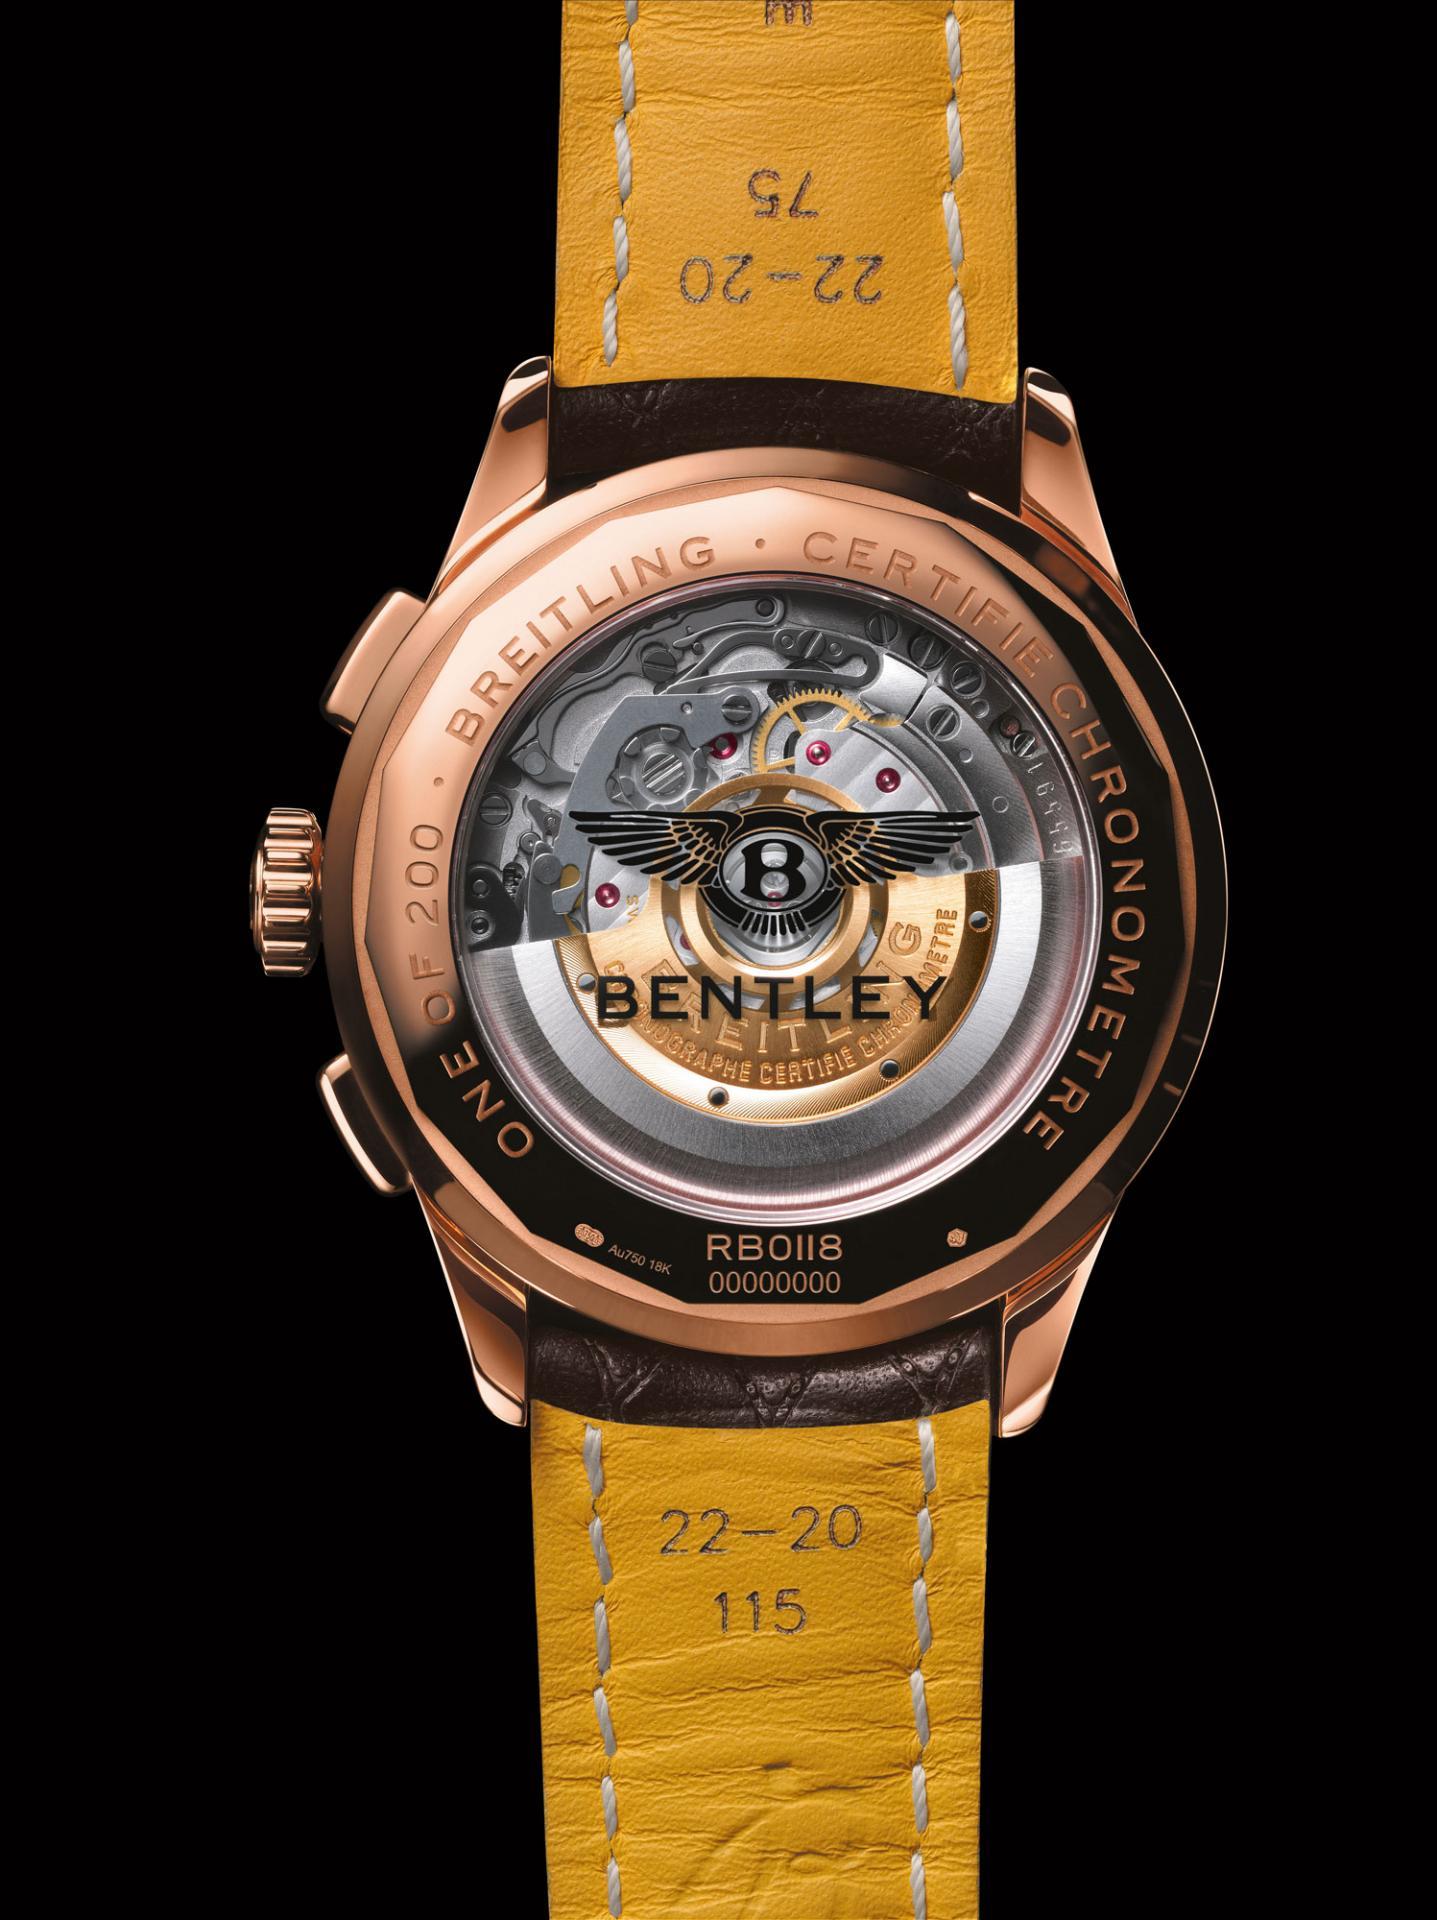 Breitling выпускаетлимитированную серию часовPremier Bentley Centenary